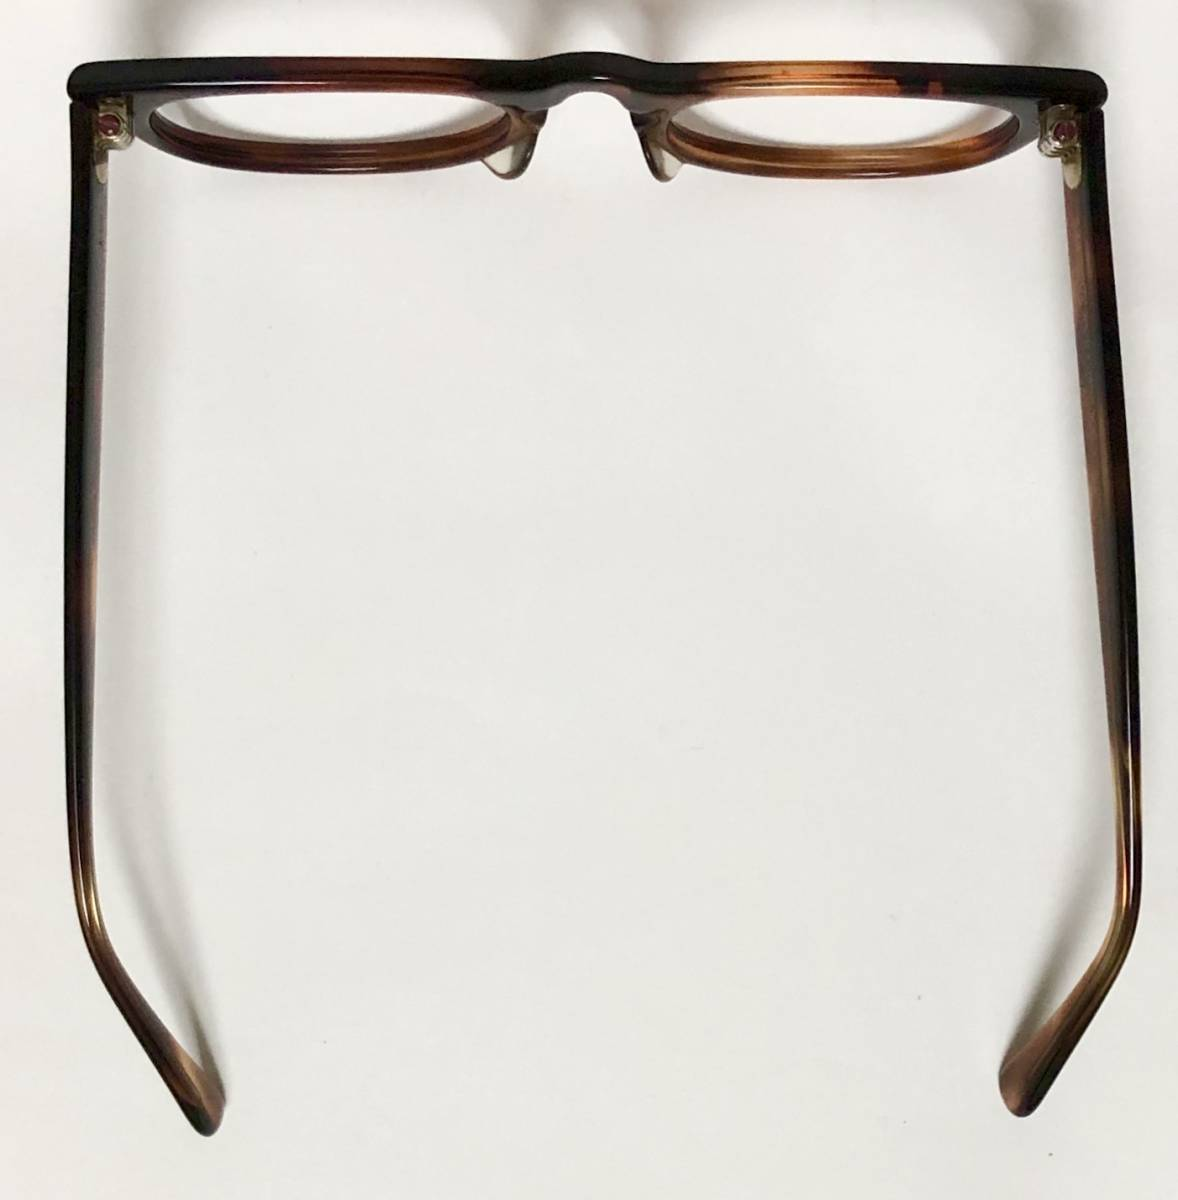 新品・1960年代頃】アメリカンオプティカル AO All純正 メガネ American Optical アンバー 米国製 ビンテージ ヴィンテージ _画像9